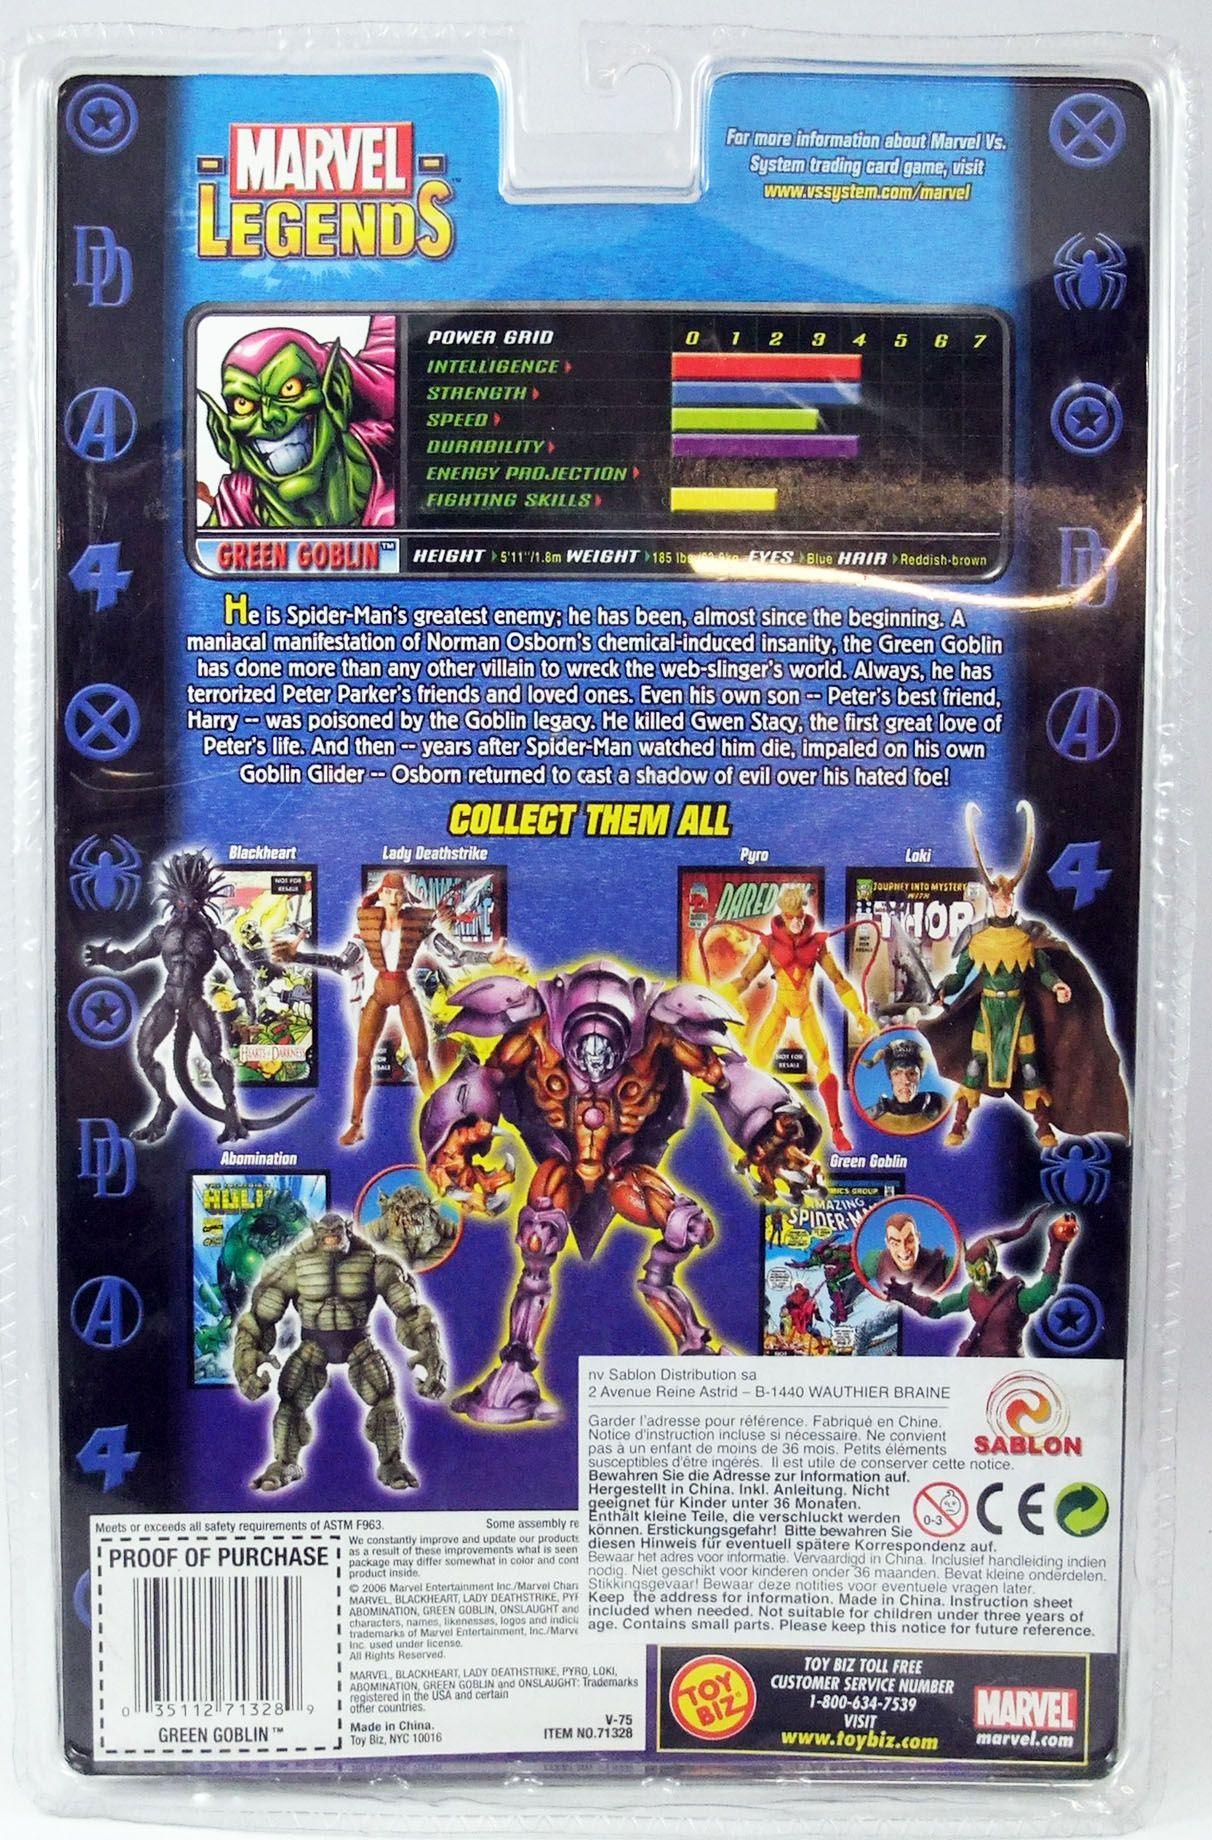 Marvel Legends - Green Goblin - Serie 13 Onslaught Serie